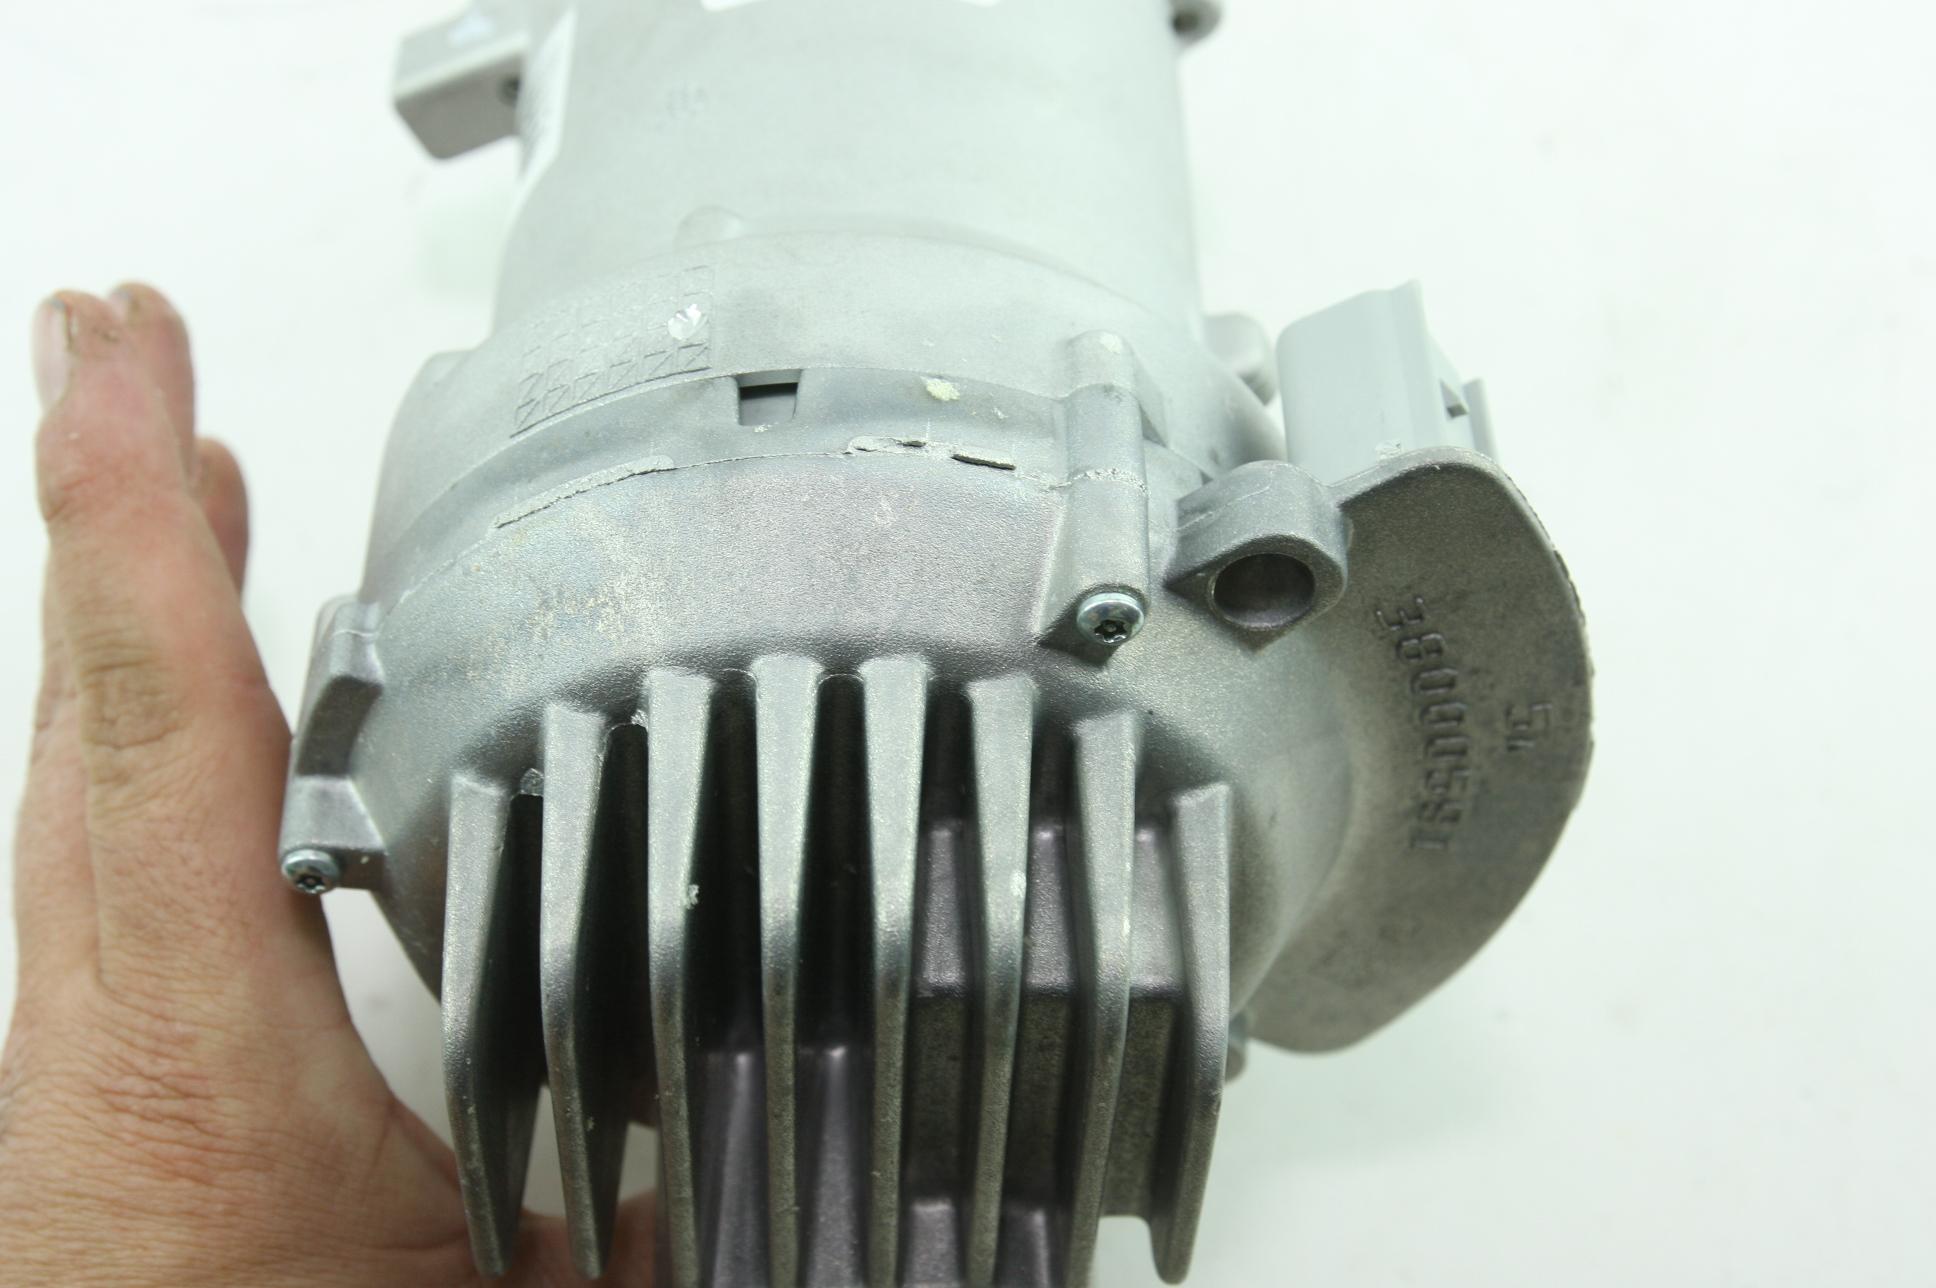 New OEM 23479299 Genuine GM Steering Gear Electric Power Steering Motor NIP - image 10